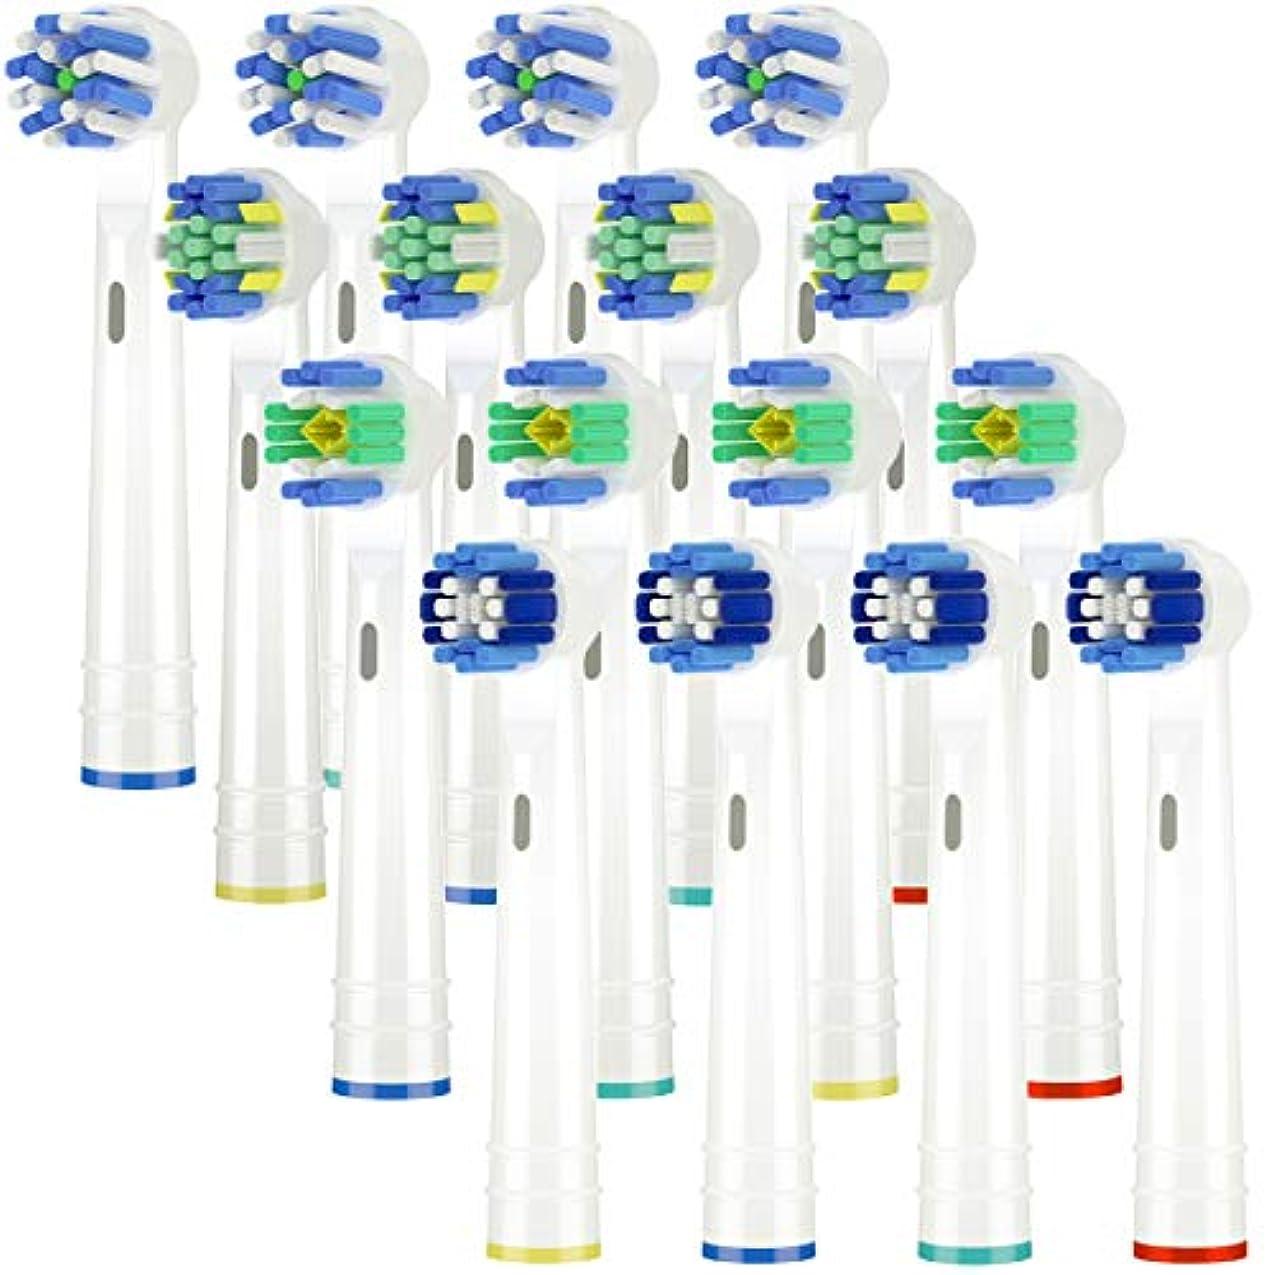 代わって白菜太鼓腹Itechnik 電動歯ブラシ 替えブラシ ブラウン オーラルB 対応 替えブラシ 4種類が入り:ホワイトニングブラシ 、ベーシックブラシ、歯間ワイパー付きブラシ、マルチアクションブラシ 凡用な16本